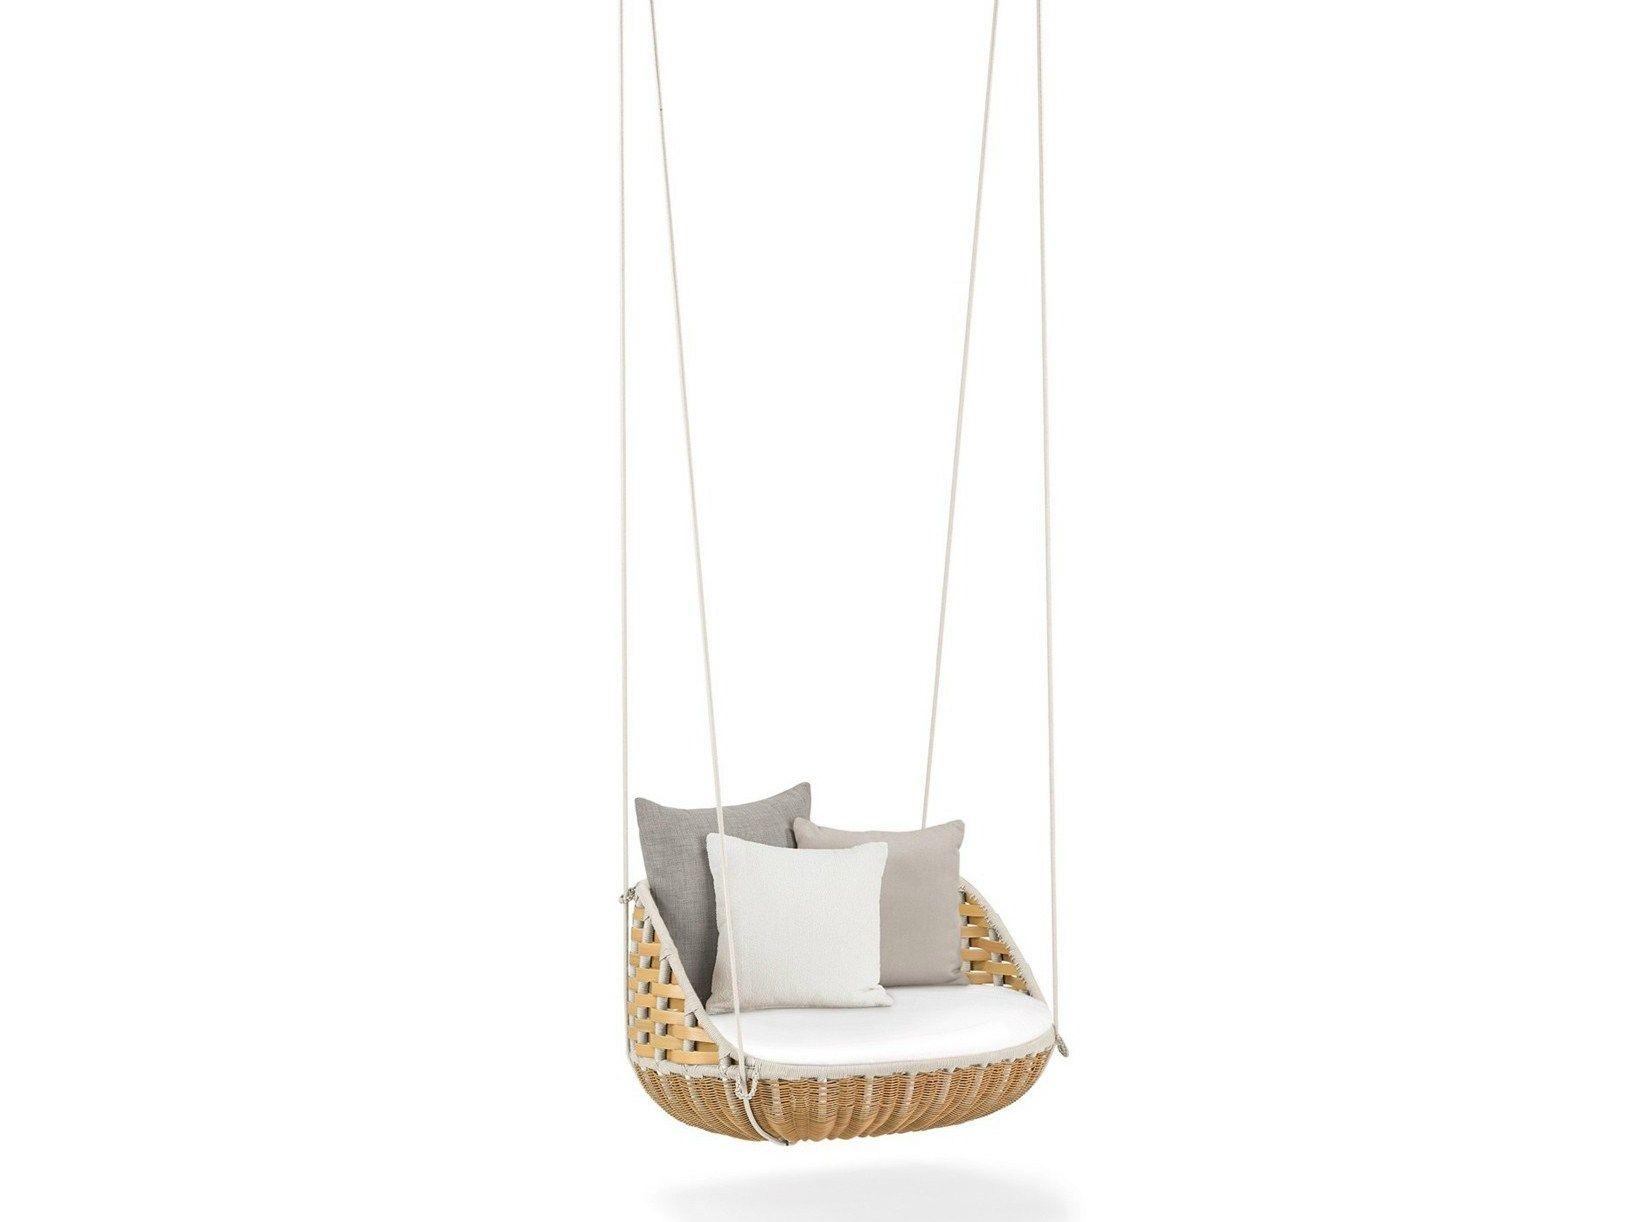 Swingme Garden Hanging Chair By Dedon Design Daniel Pouzet Stuhle Gunstig Ei Sessel Papasan Stuhl